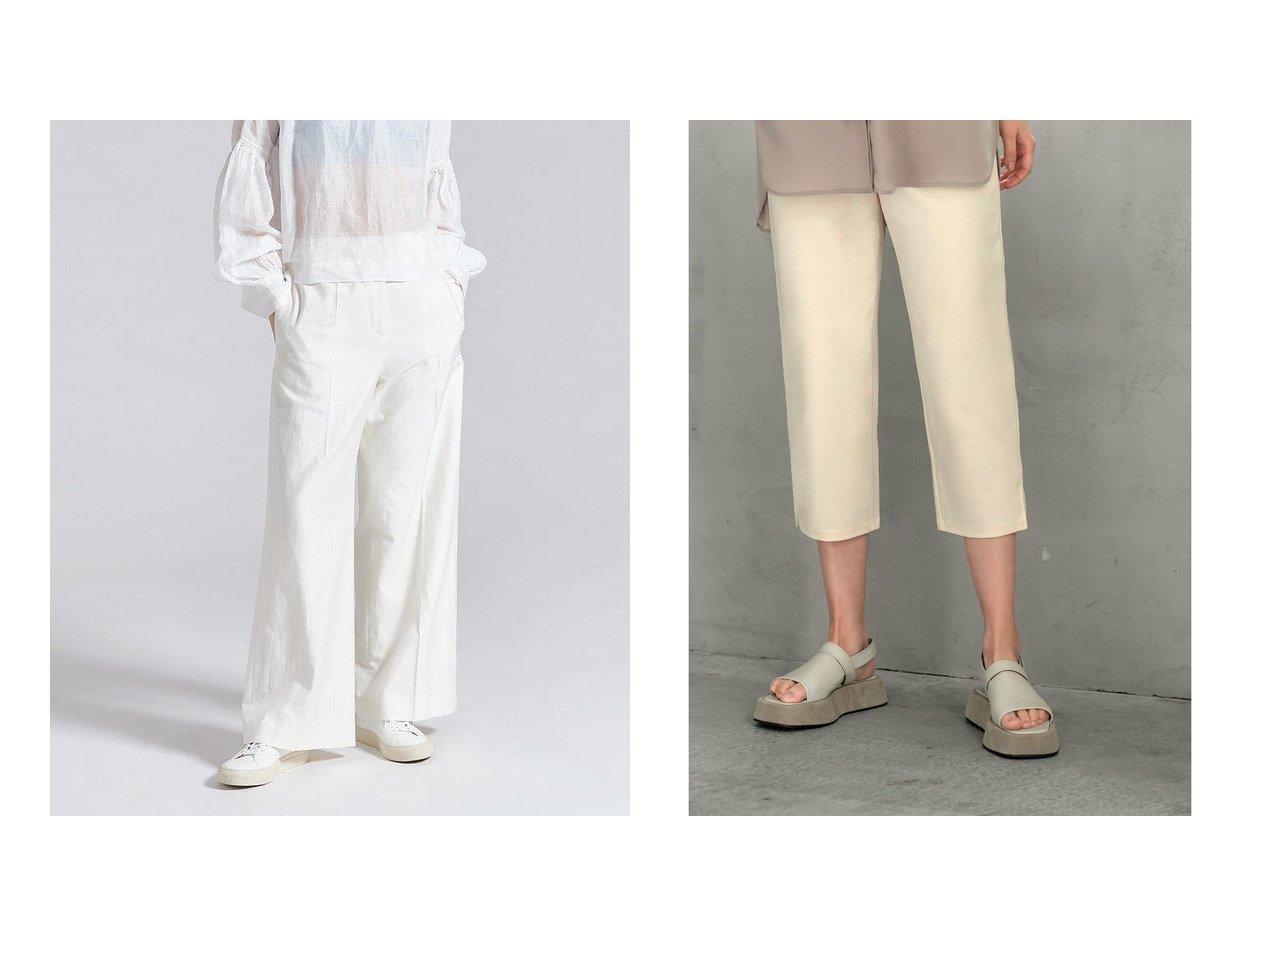 【STYLE DELI/スタイルデリ】の80cm丈クロップドカットソーパンツ&【DES PRES / TOMORROWLAND/デプレ】のコットンシルクリネン ストレートパンツ 【パンツ】おすすめ!人気、トレンド・レディースファッションの通販 おすすめで人気の流行・トレンド、ファッションの通販商品 インテリア・家具・メンズファッション・キッズファッション・レディースファッション・服の通販 founy(ファニー) https://founy.com/ ファッション Fashion レディースファッション WOMEN パンツ Pants NEW・新作・新着・新入荷 New Arrivals カットソー サンダル スキニー スニーカー チュニック バランス レギンス ロング 夏 Summer 2021年 2021 2021春夏・S/S SS/Spring/Summer/2021 S/S・春夏 SS・Spring/Summer ストレート タンブラー リラックス ループ 再入荷 Restock/Back in Stock/Re Arrival |ID:crp329100000055005